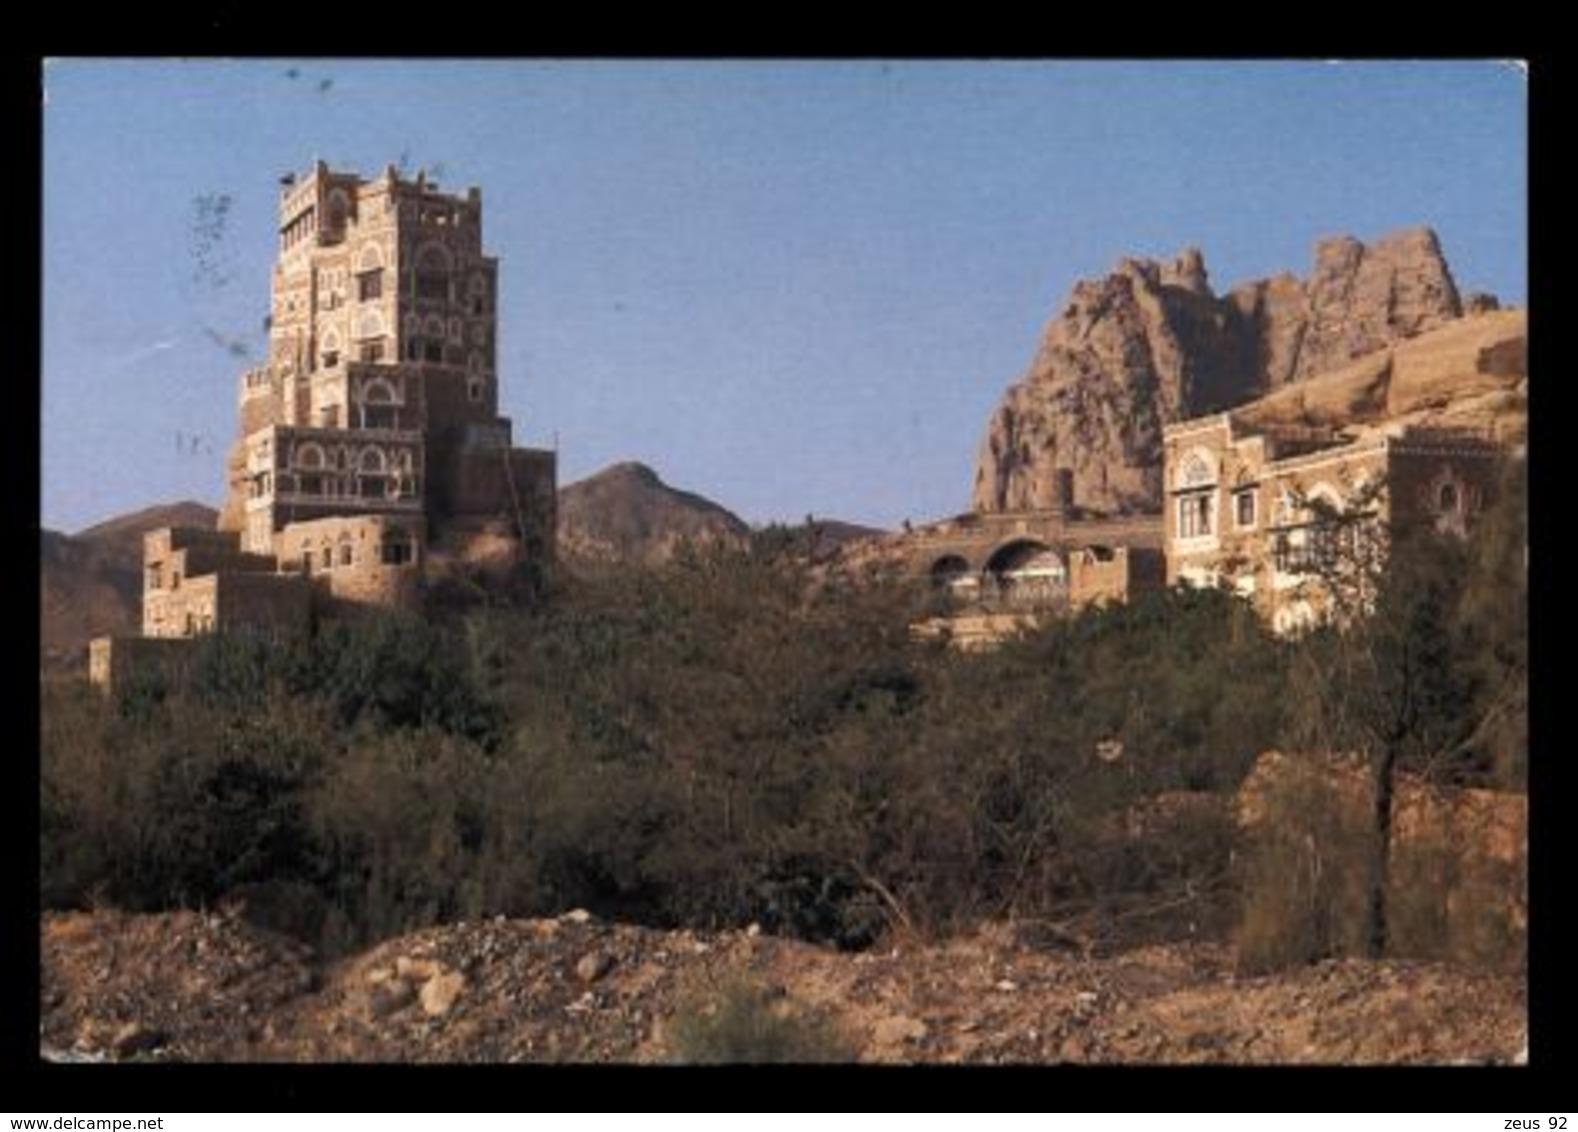 C500 YEMEN ARAB REPUBLIC - WADI DHAR - DAR AL HAJAR THE ROCK PALACE - Yemen